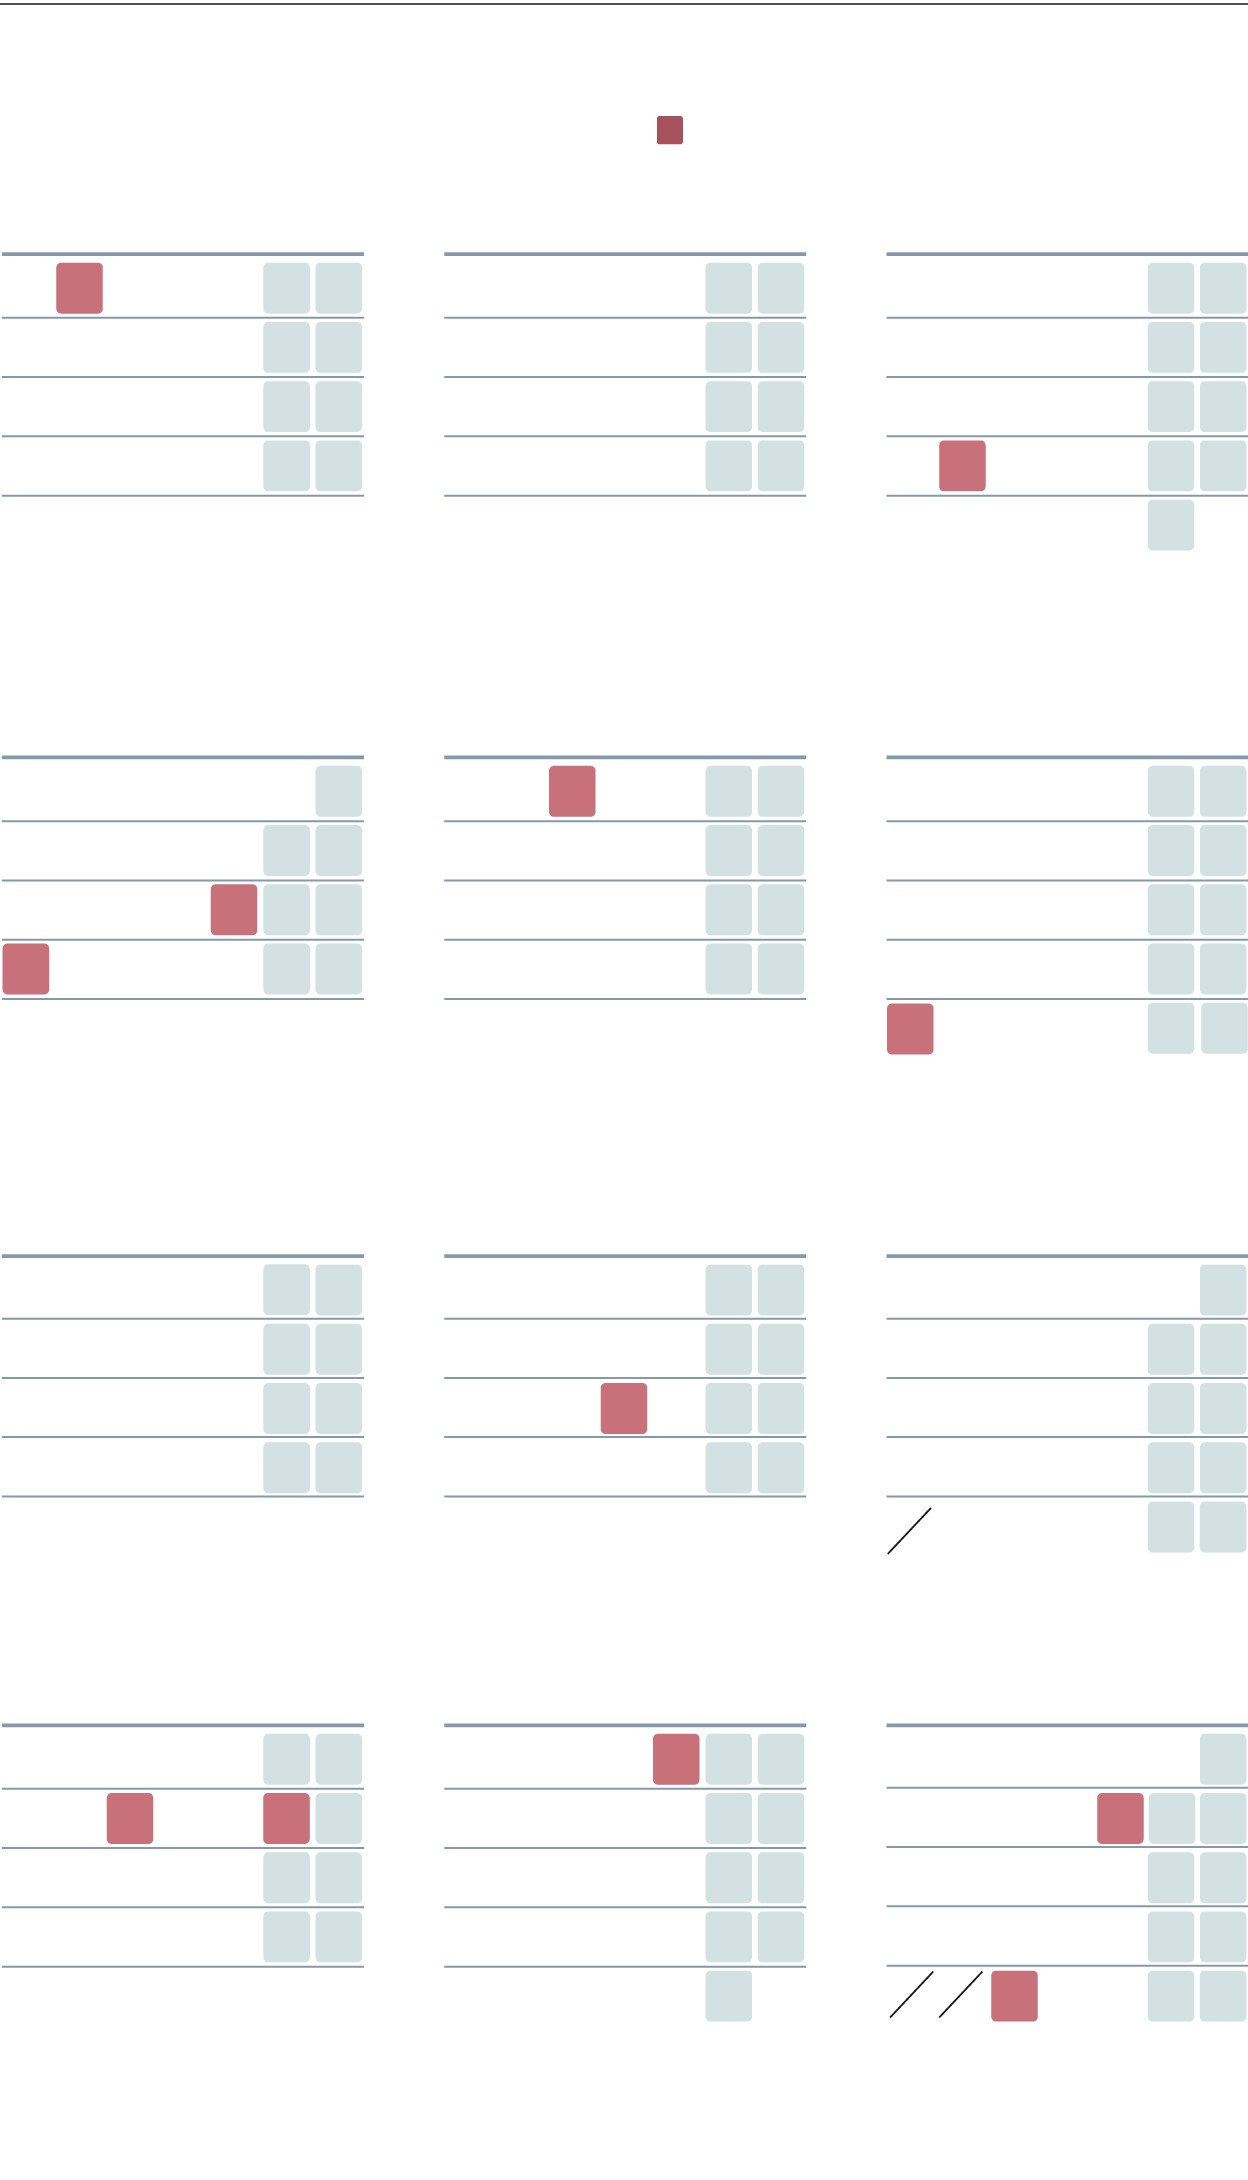 Calendario De Fiestas Catalunya 2019 Más Caliente Calendario Laboral 2019 Das Festivos Regionales Y Locales En La Of Calendario De Fiestas Catalunya 2019 Más Recientes Calendario 2019 Para Imprimir Icalendario